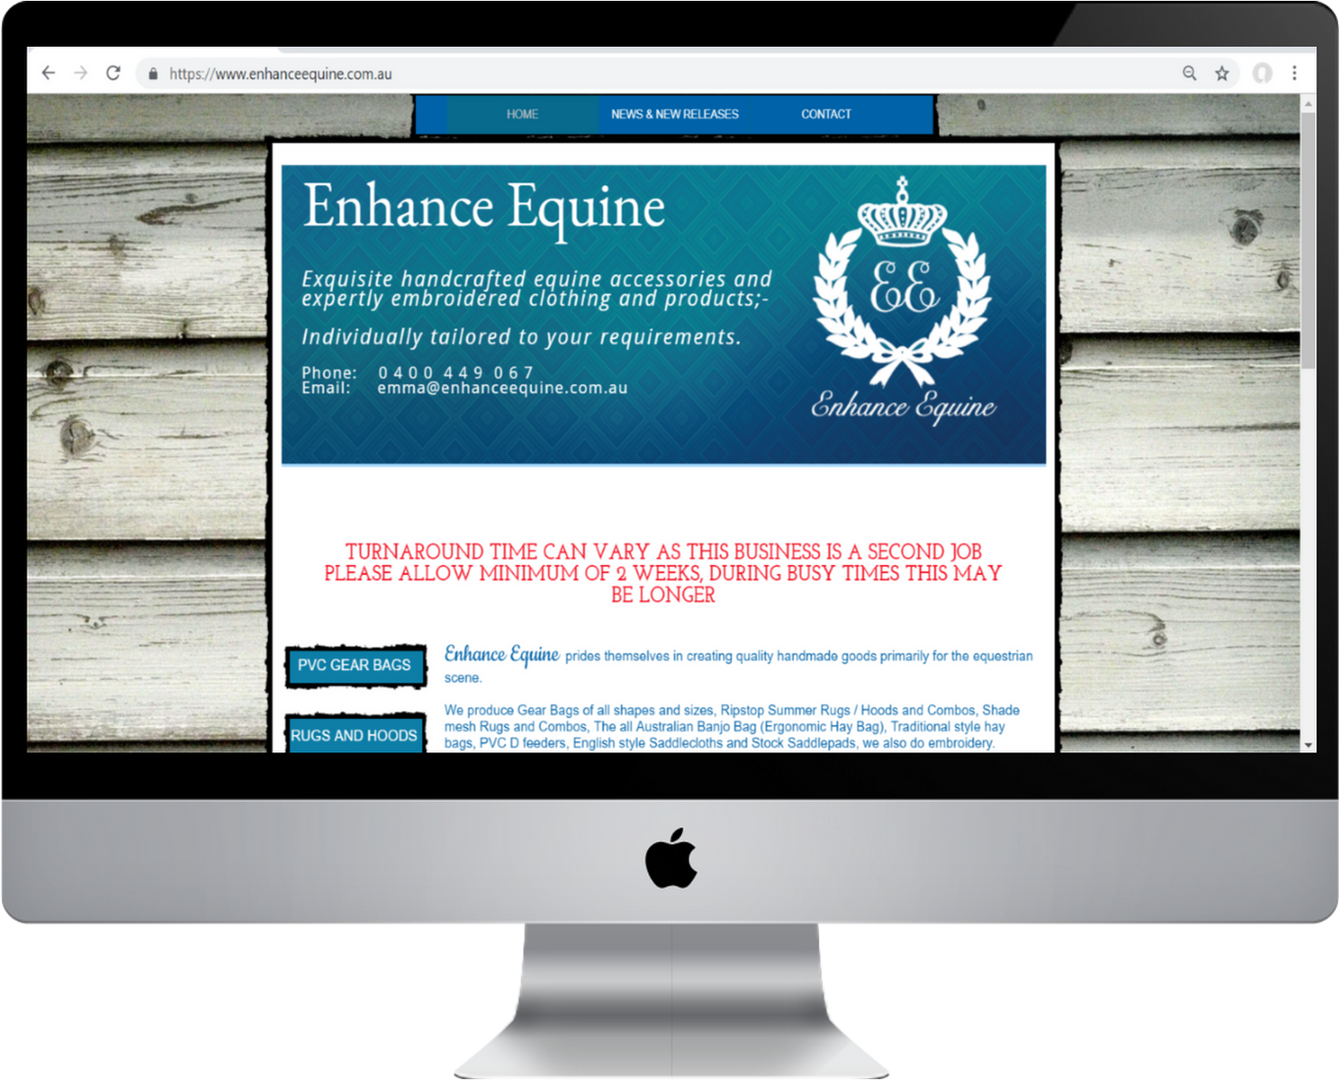 Enhance Equine